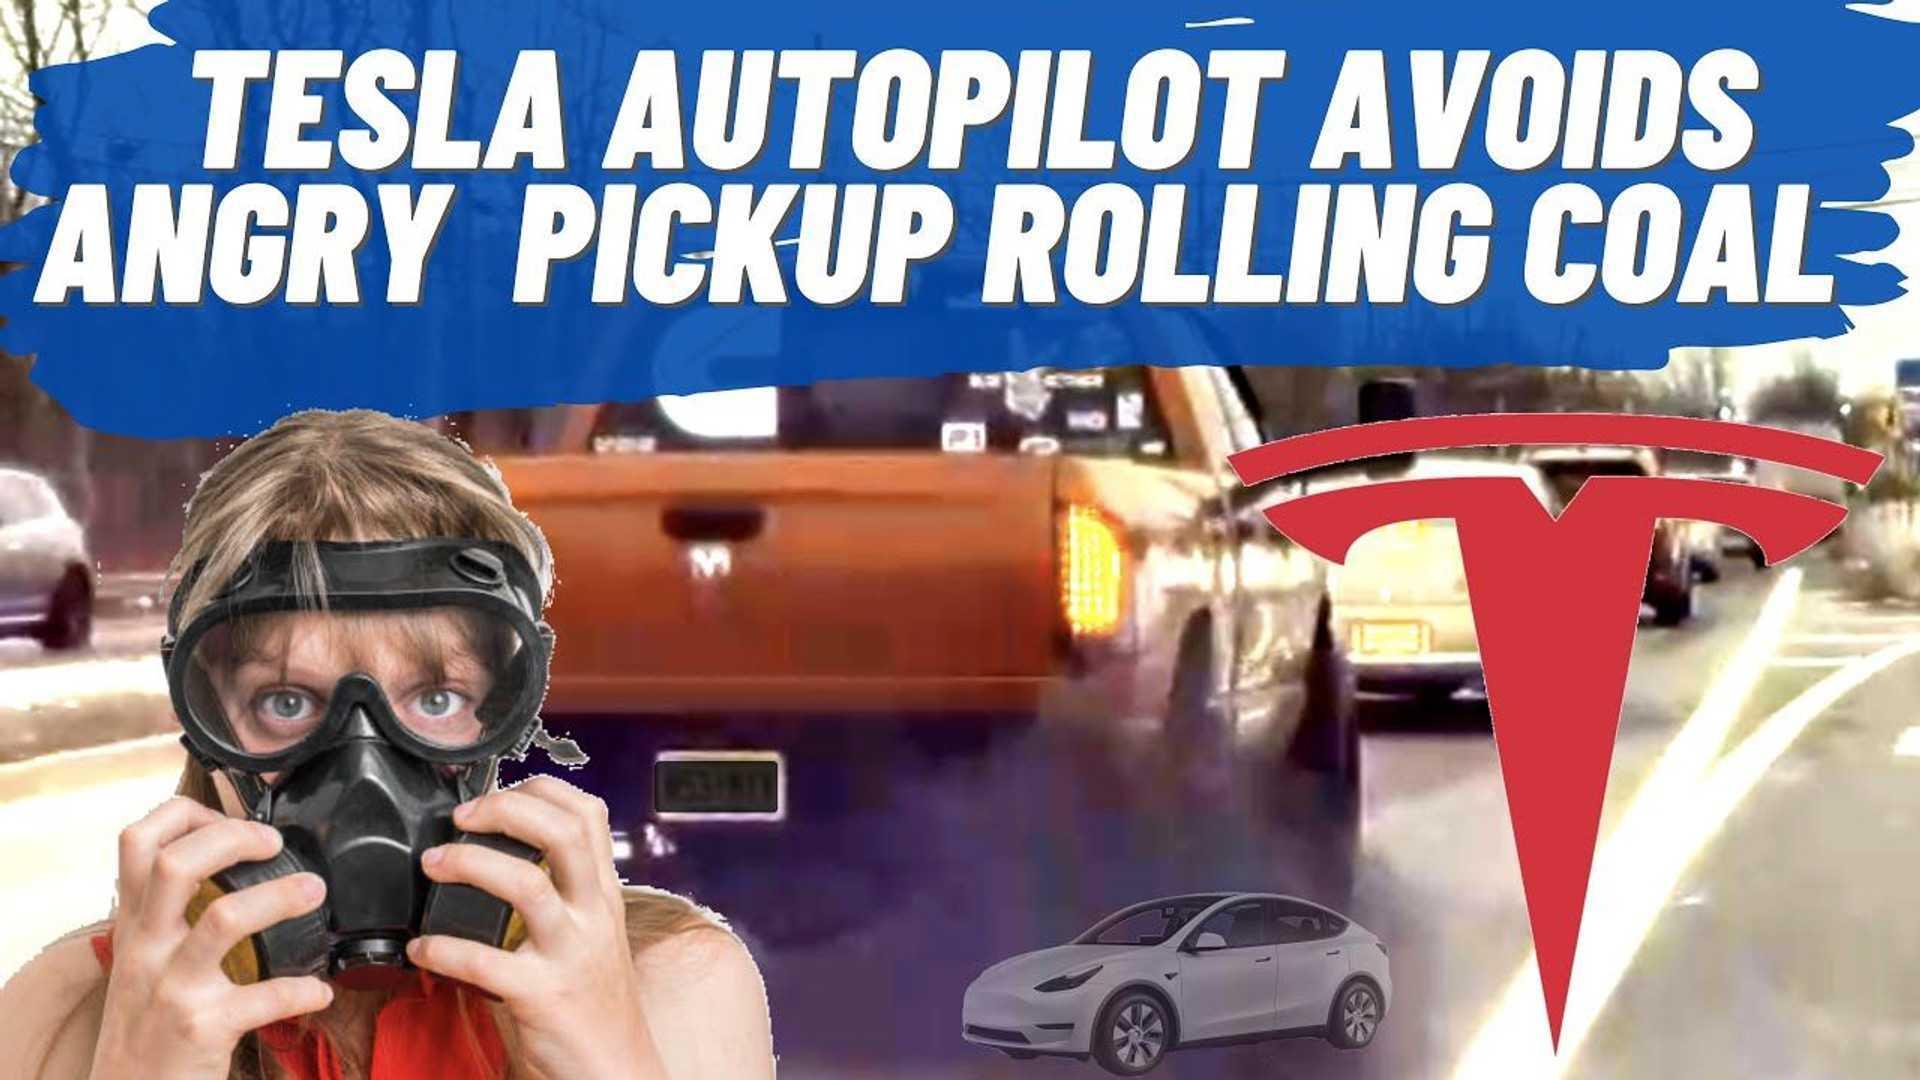 Watch Tesla Model Y On Autopilot Avoid Coal-Rolling Ram Diesel Truck